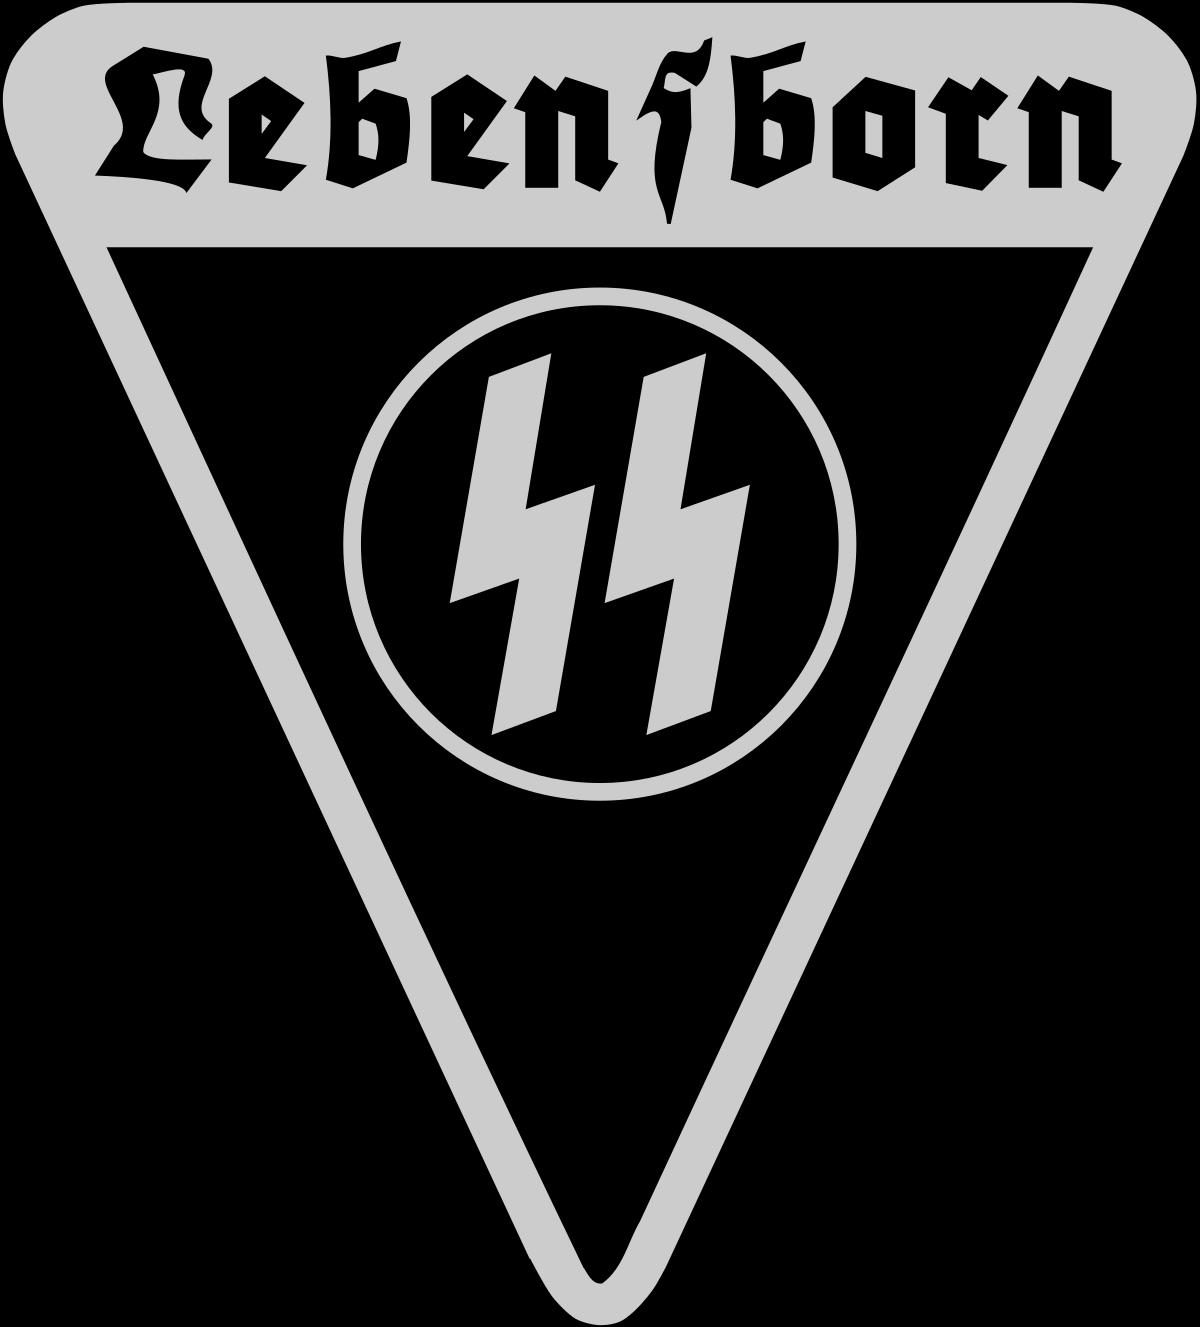 Το σήμα των Lebensbarn